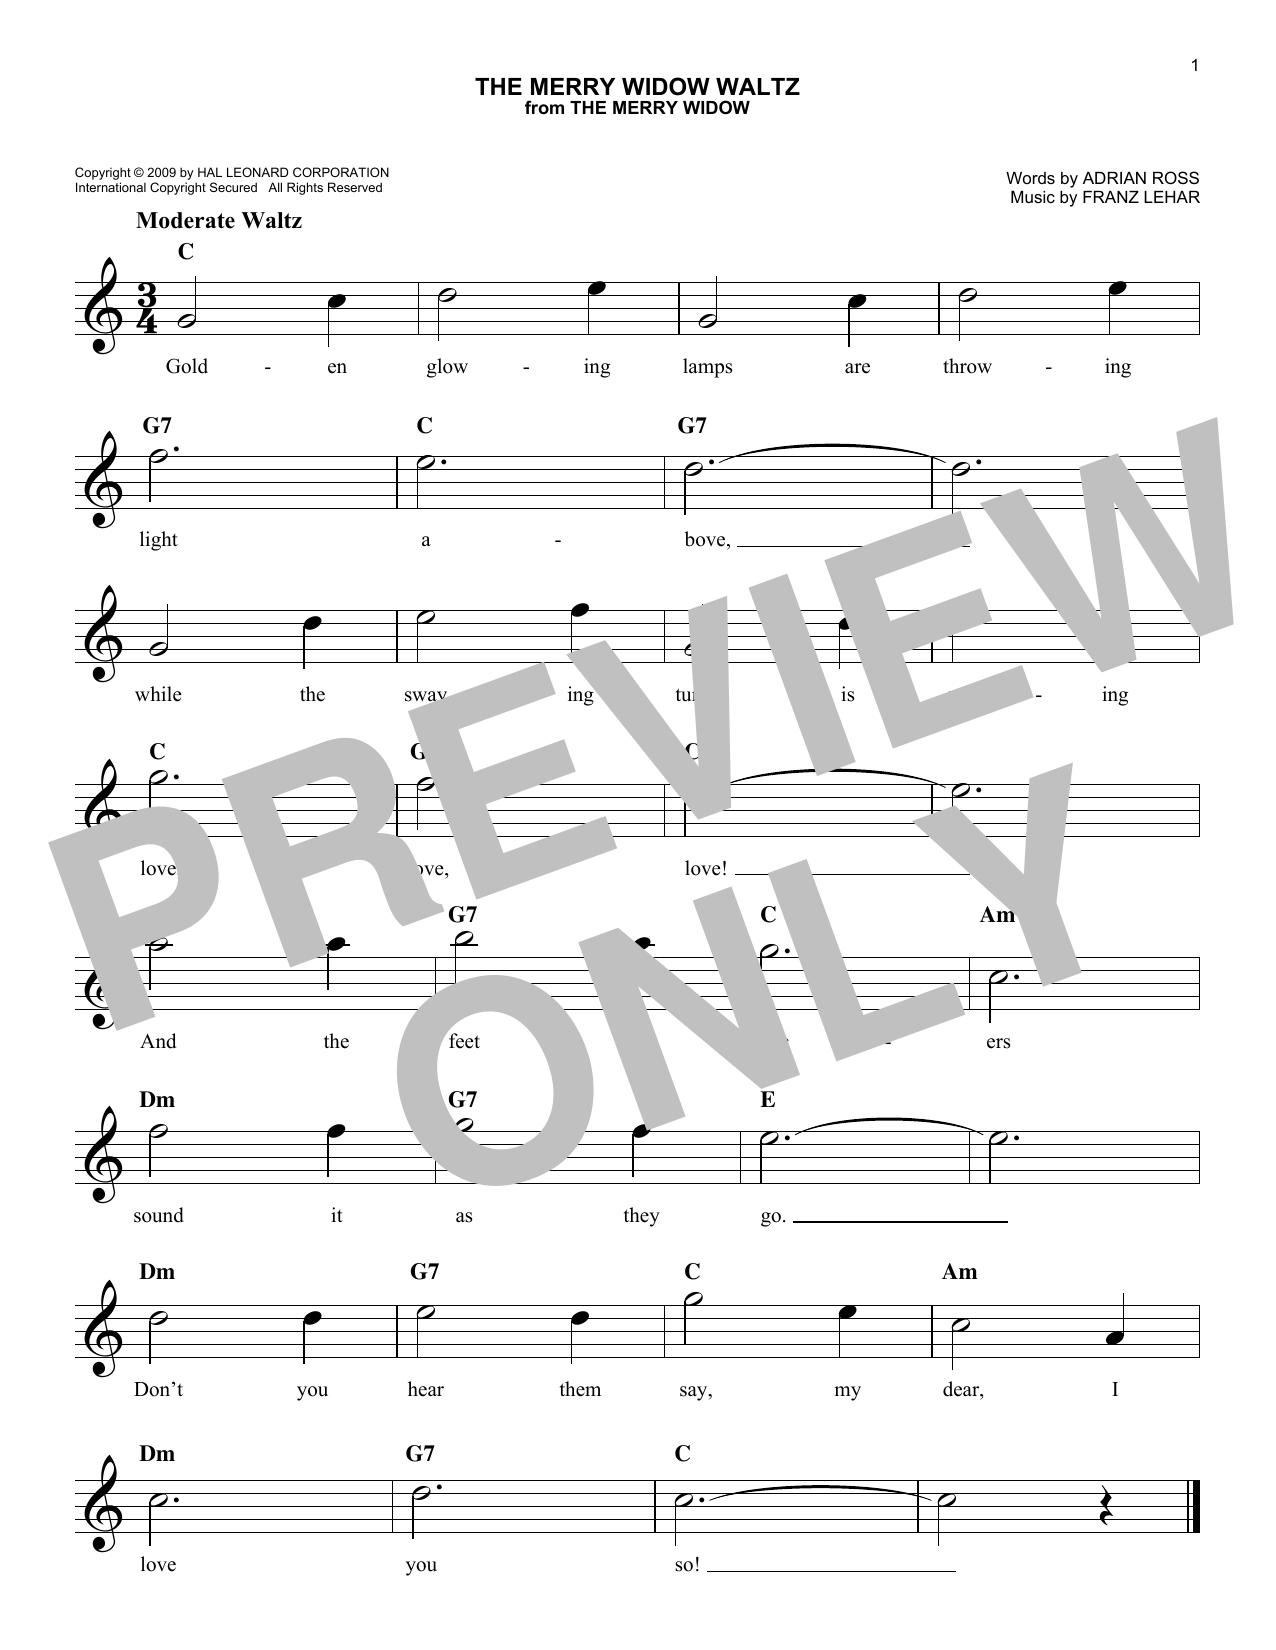 The Merry Widow Waltz Sheet Music